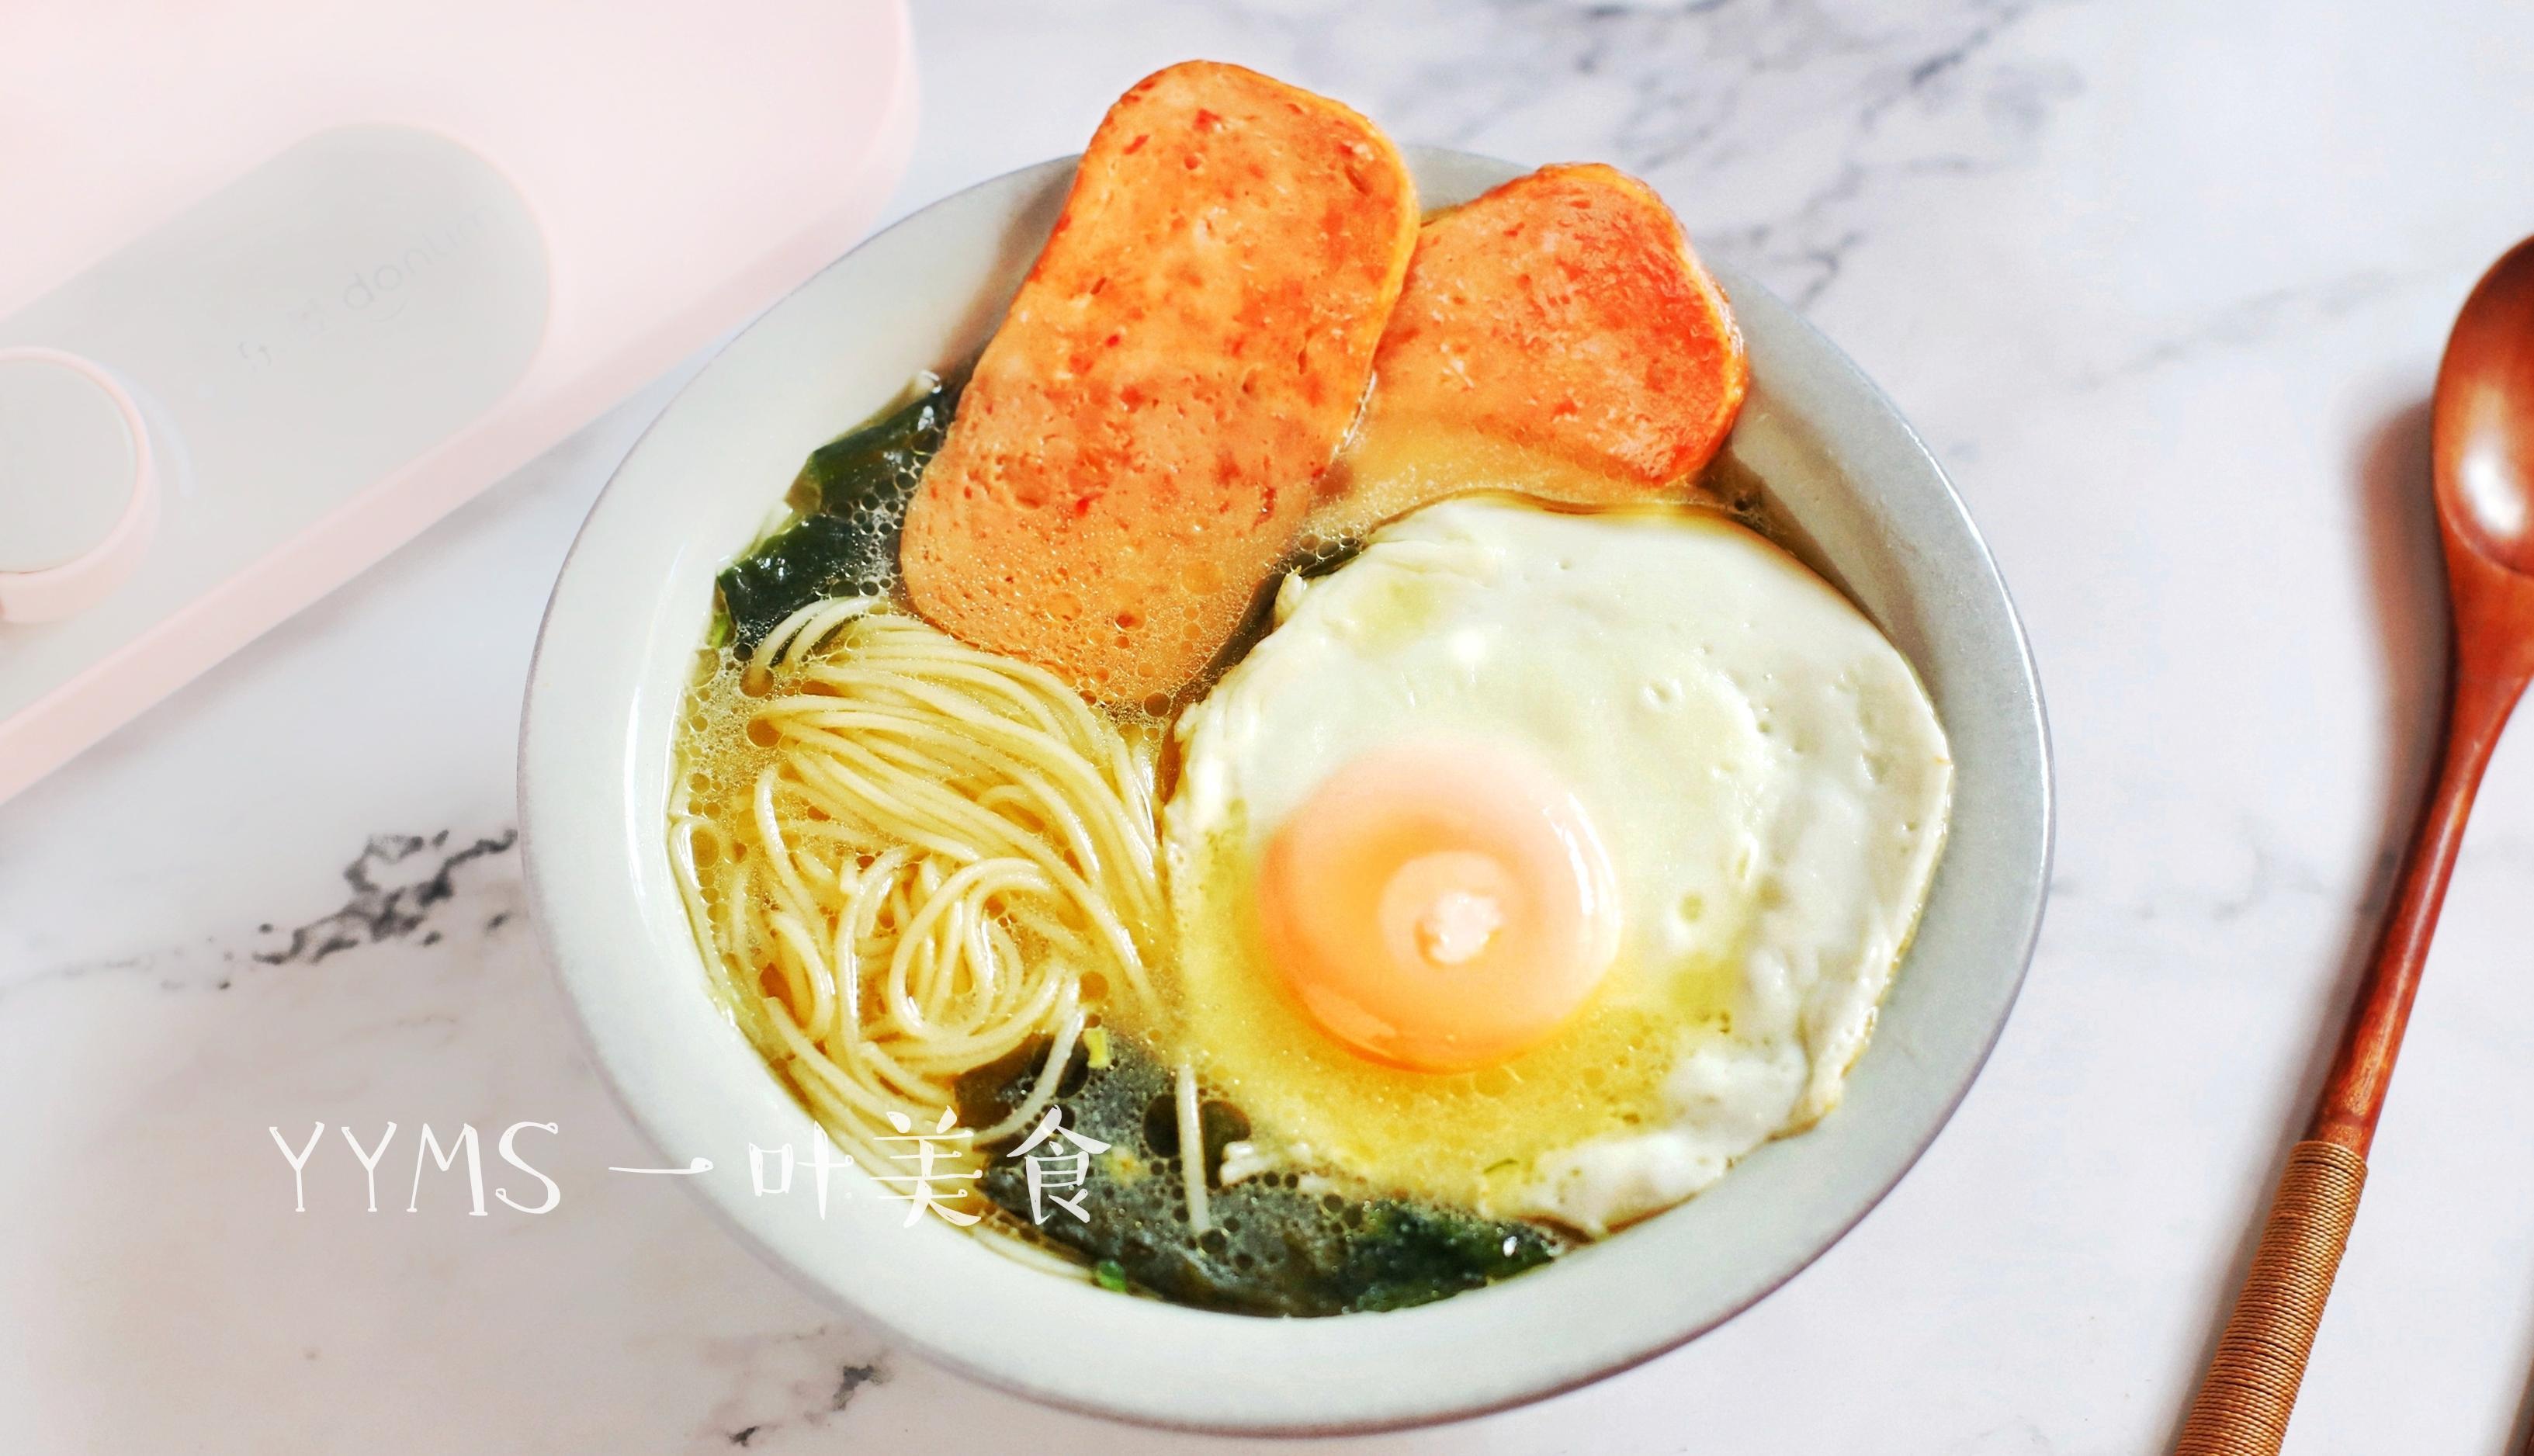 早餐面条加它,比鸡汤还鲜,补钙补铁,成本3毛钱,天凉暖心暖